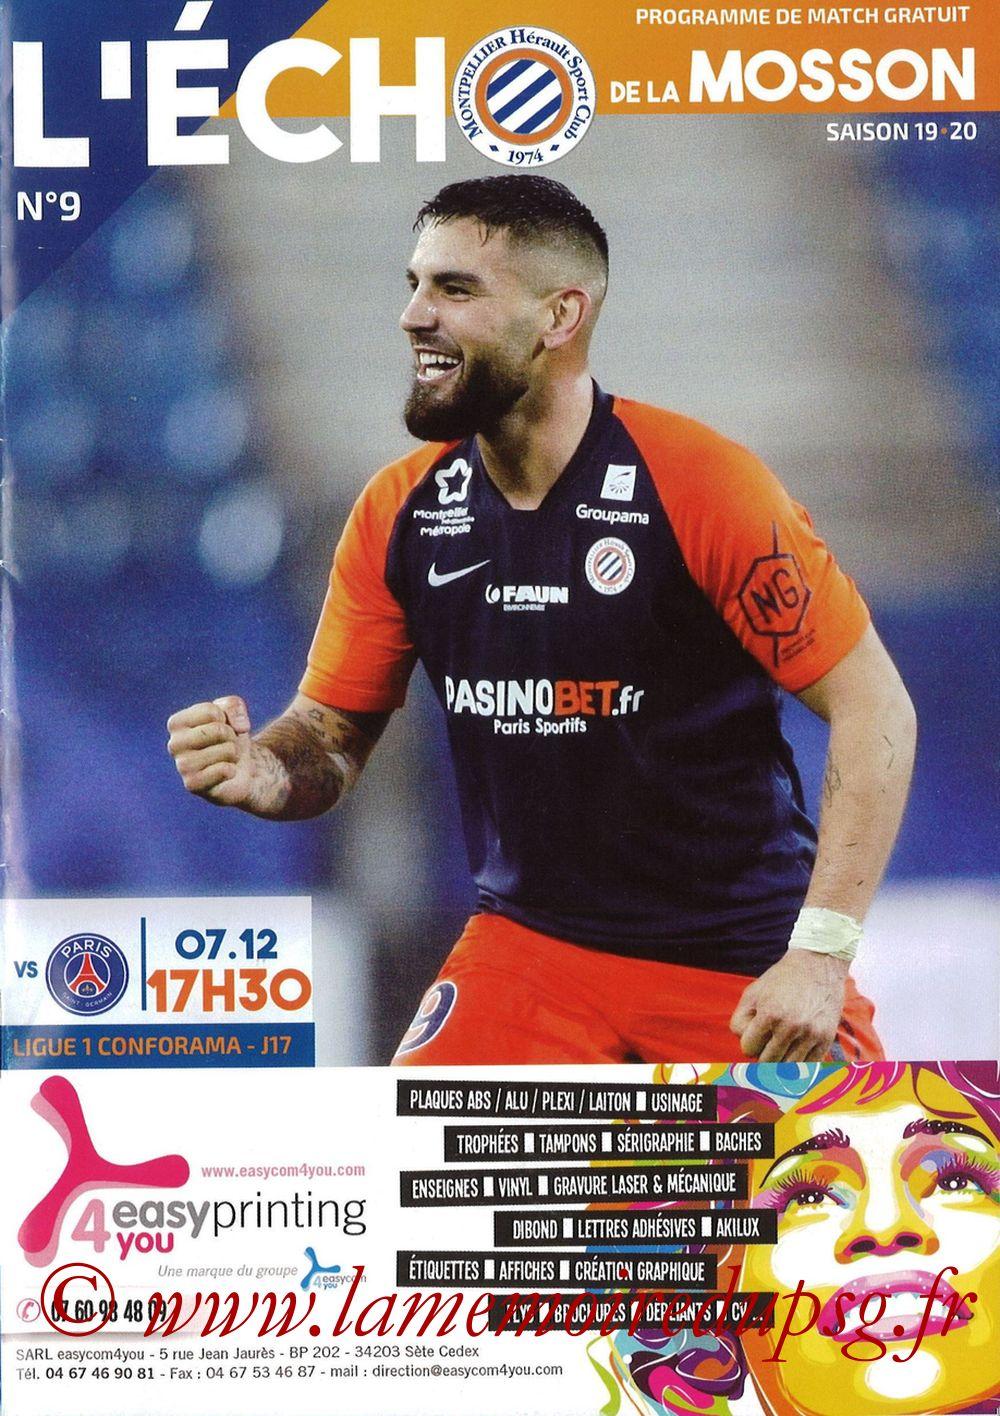 2019-12-07  Montpellier-PSG (17ème L1, L'Echo de la Mosson N°9)